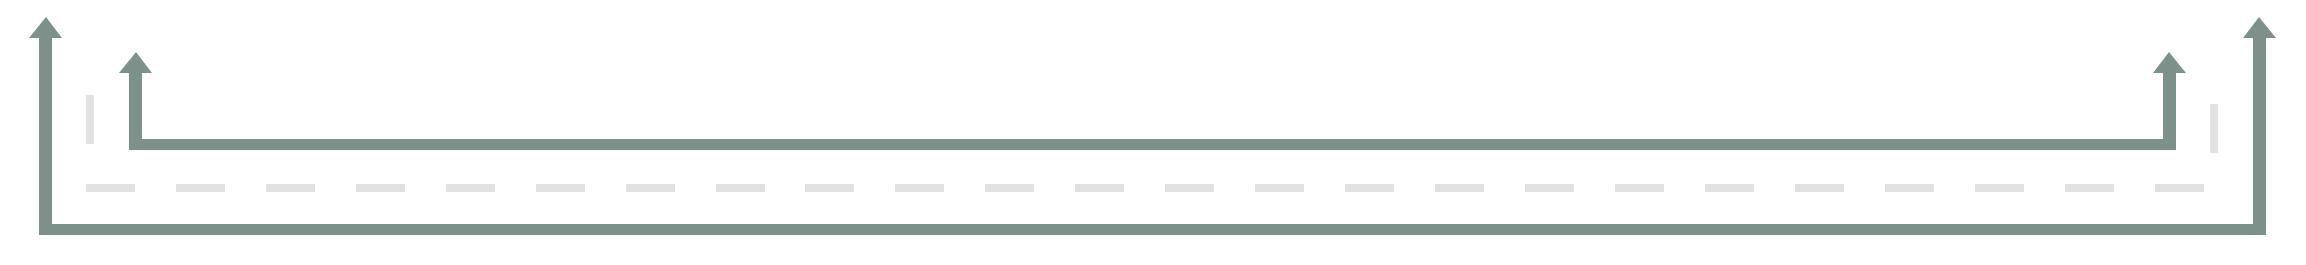 AVC Tracks Graphic